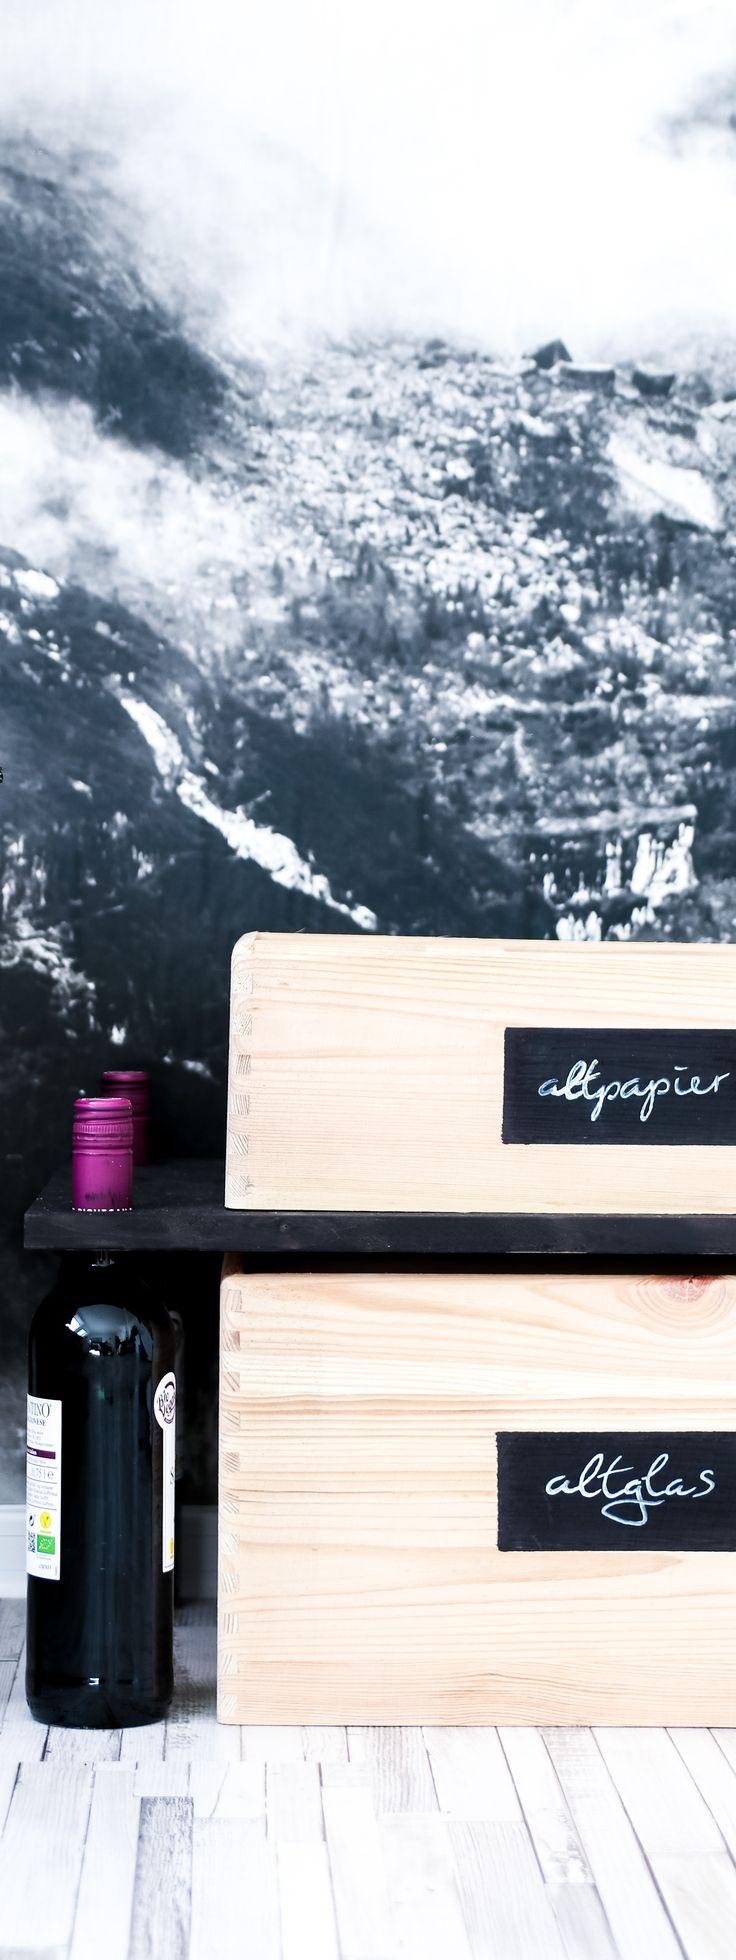 Altglas stilvoll aufbewahren – DIY Aufbewahrungs-Tisch / Regal mit Friends of Glas | Filizity.com | DIY-Blog aus dem Rheinland #altglas #glas #aufbewahrung